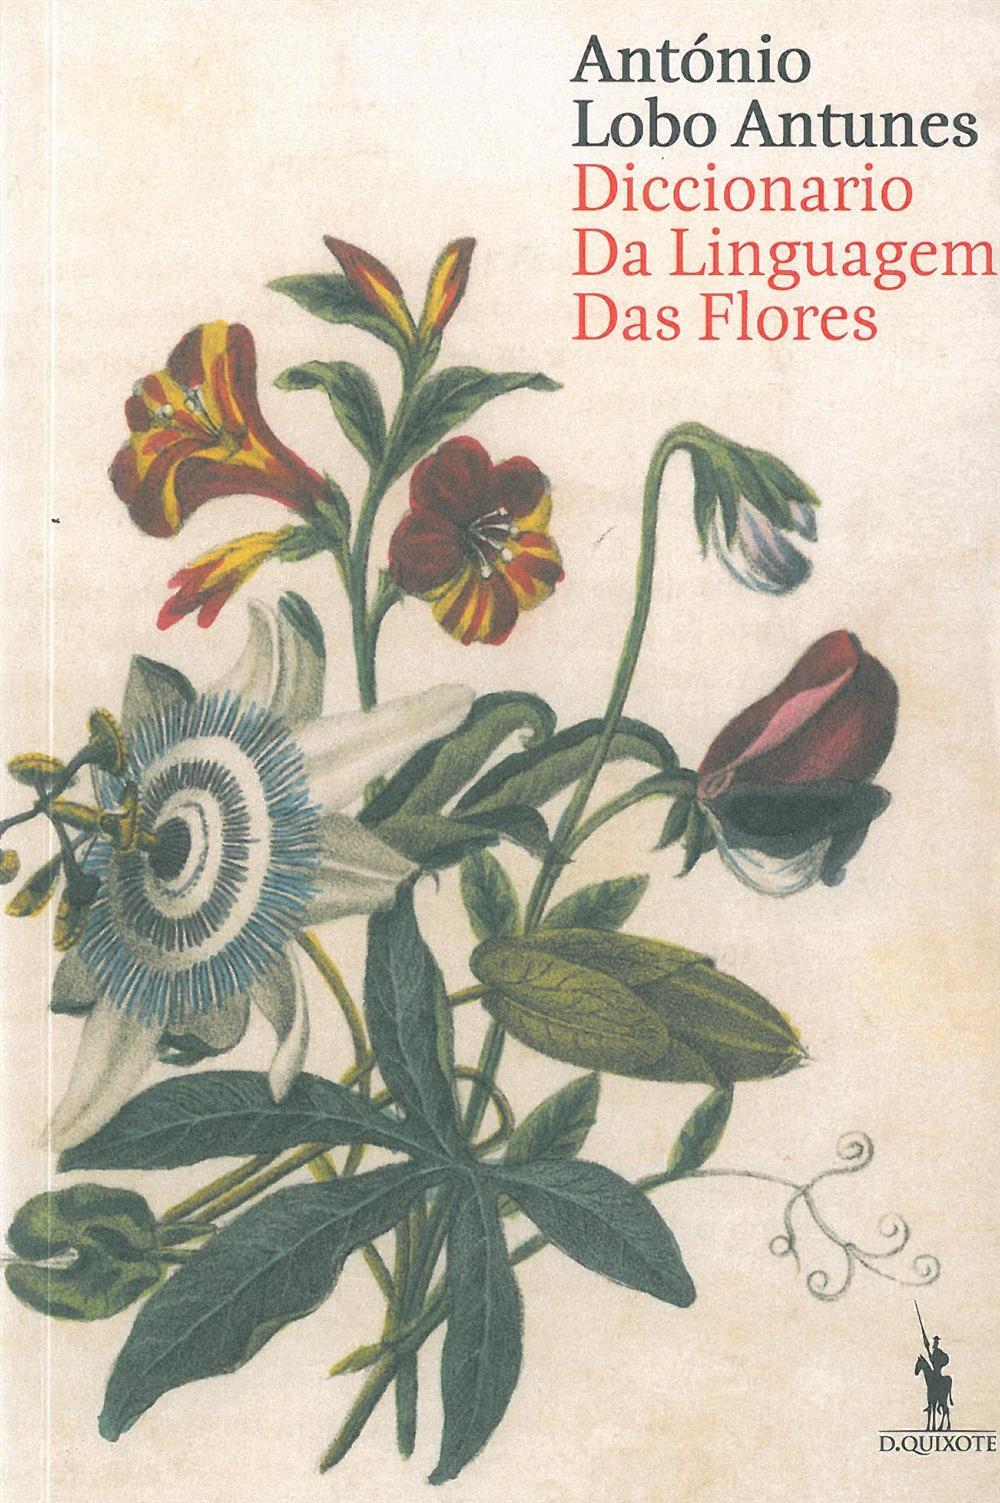 Diccionario da linguagem das flores.jpg